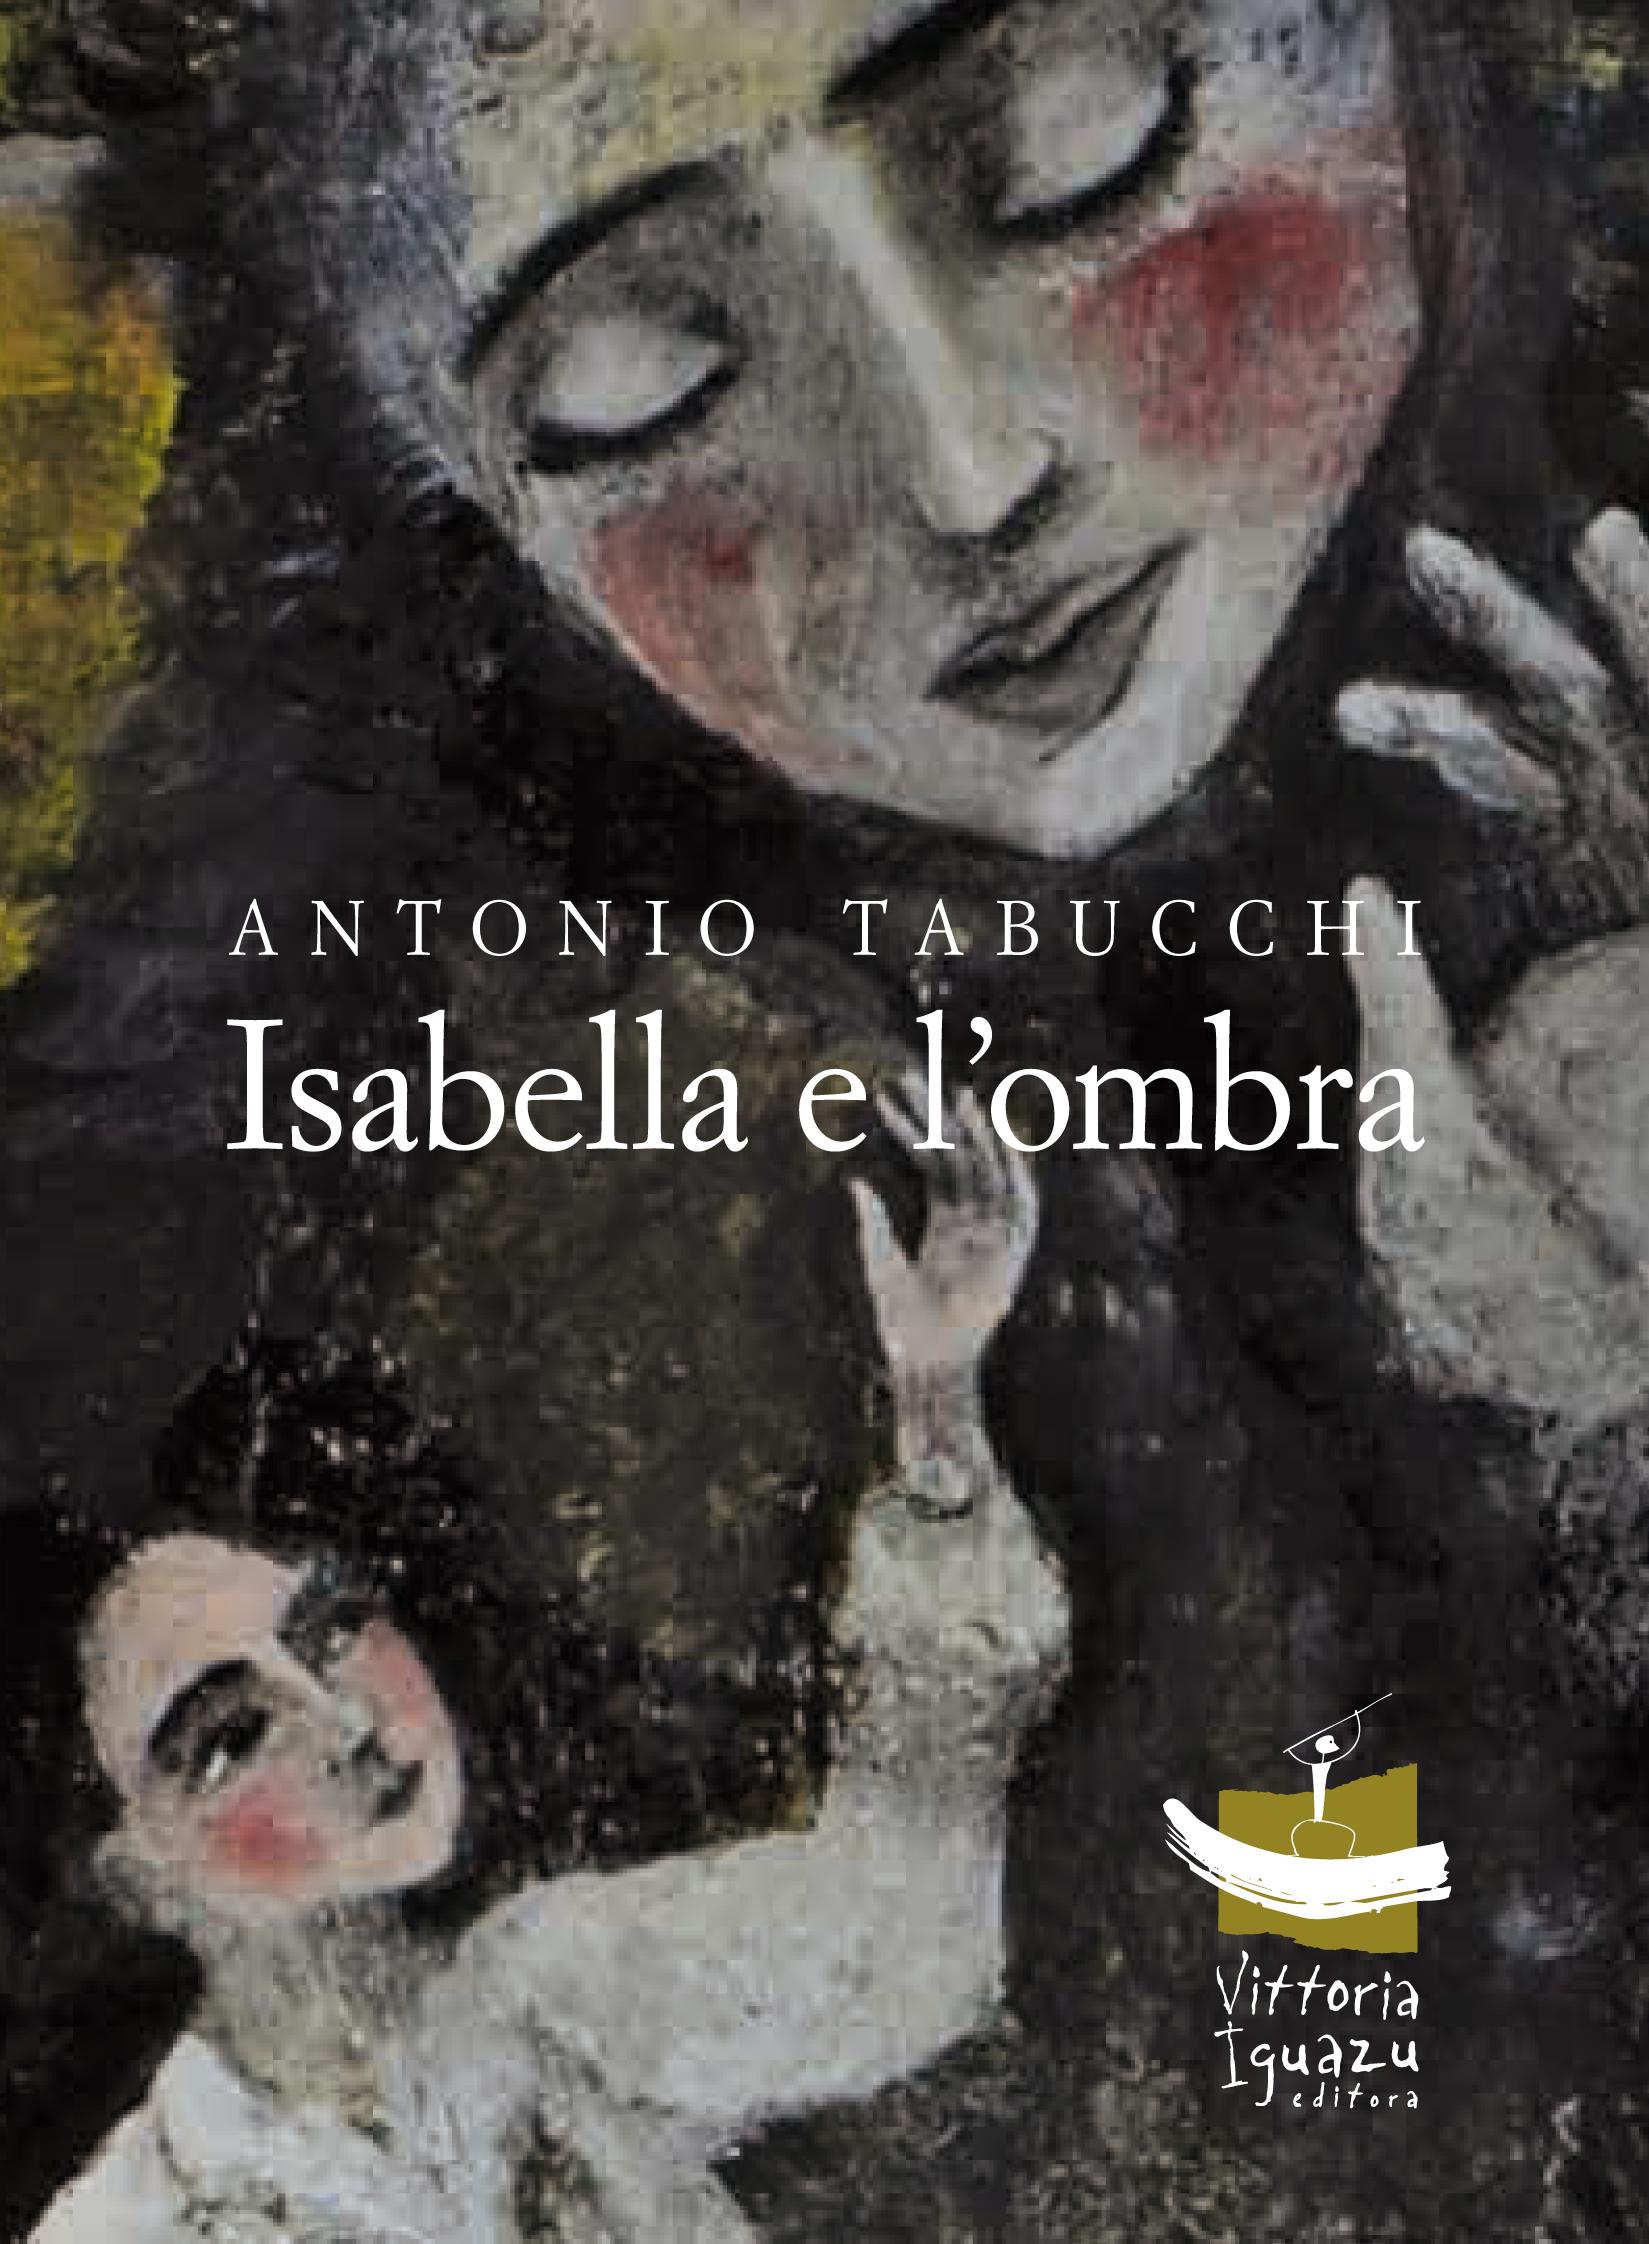 http://www.vittoriaiguazueditora.com/wp-content/uploads/2013/03/Tabucchi-Cop-sing.jpg